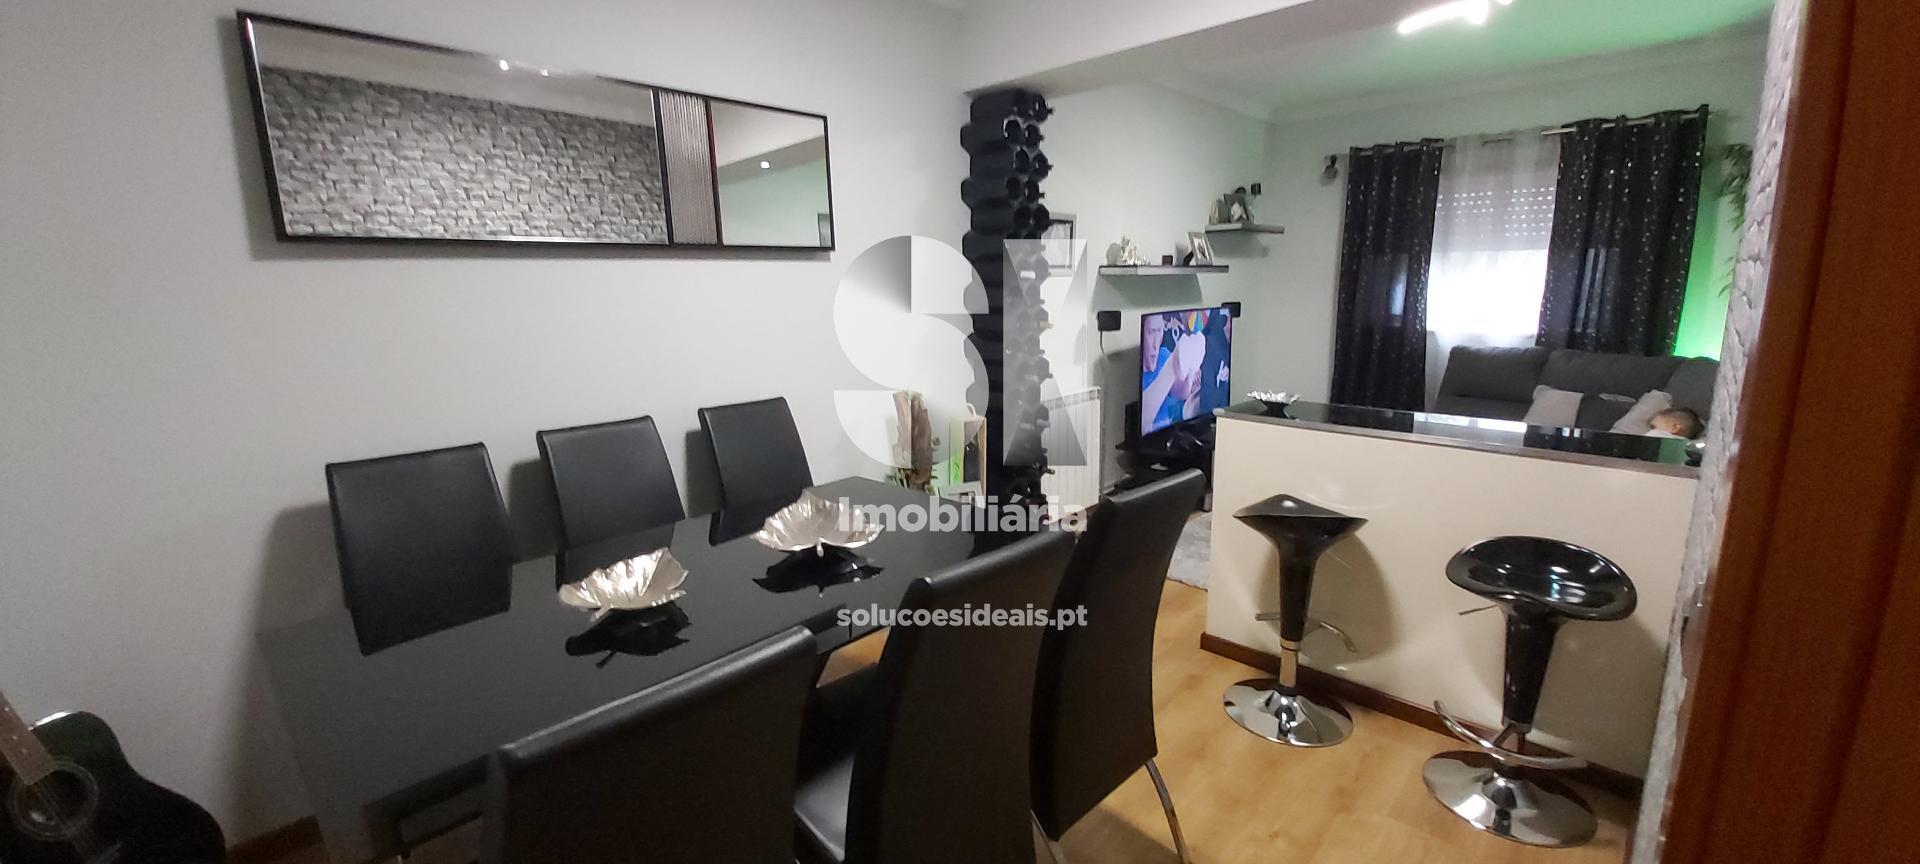 apartamento t2 para compra em ilhavo gafanha da nazare AVGDG1872